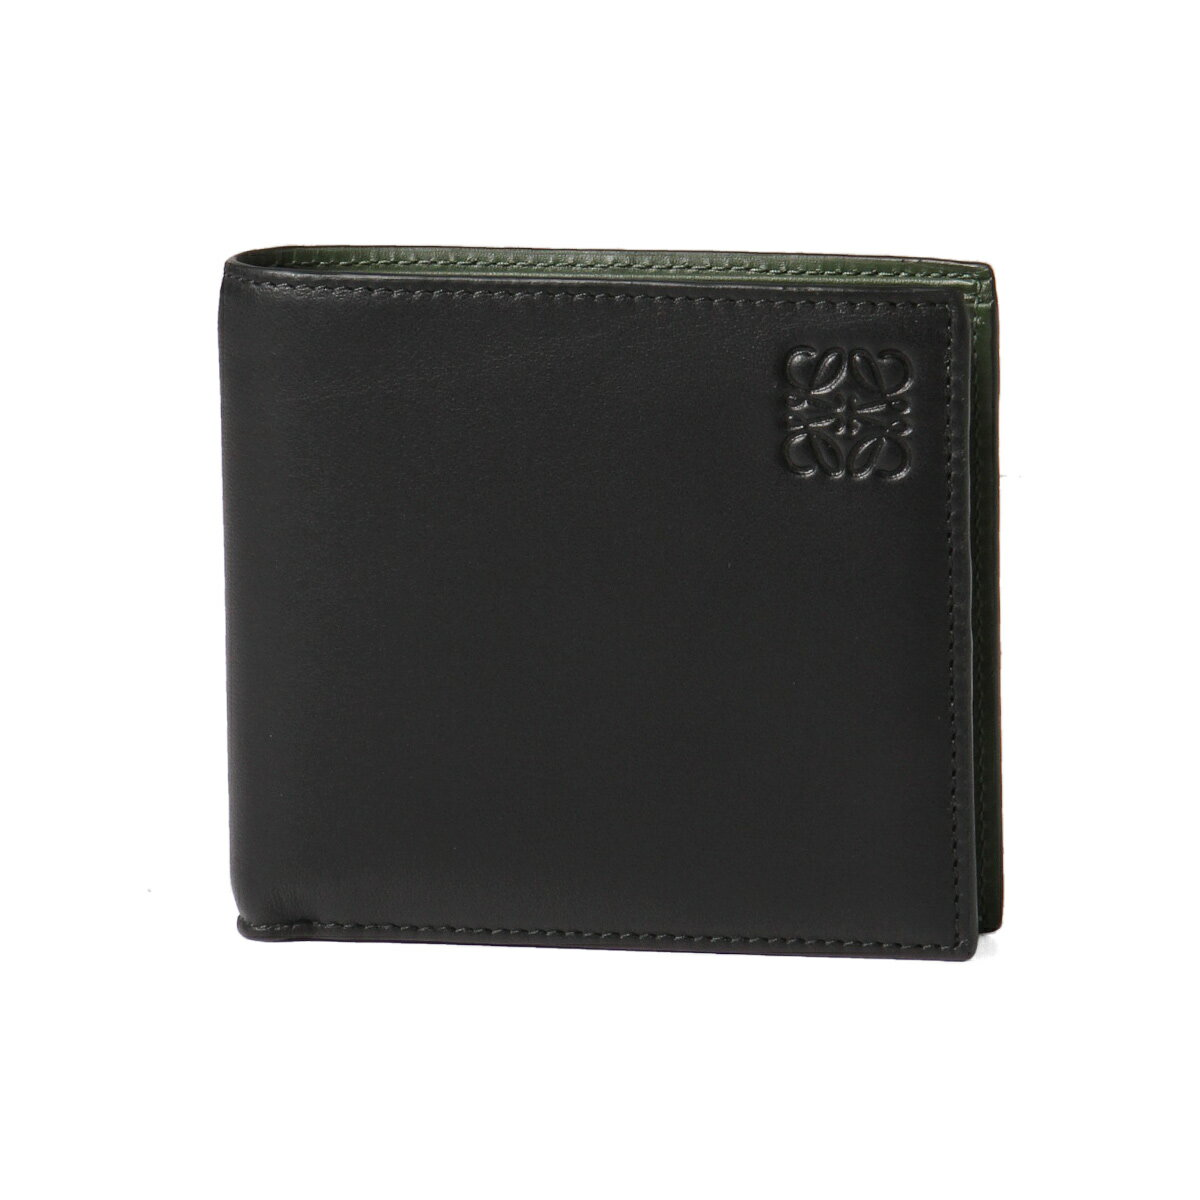 ロエベ LOEWE 財布 メンズ 109 80 501 1100 1217 二つ折り財布 BLACK/KHAKI GREEN ブラック